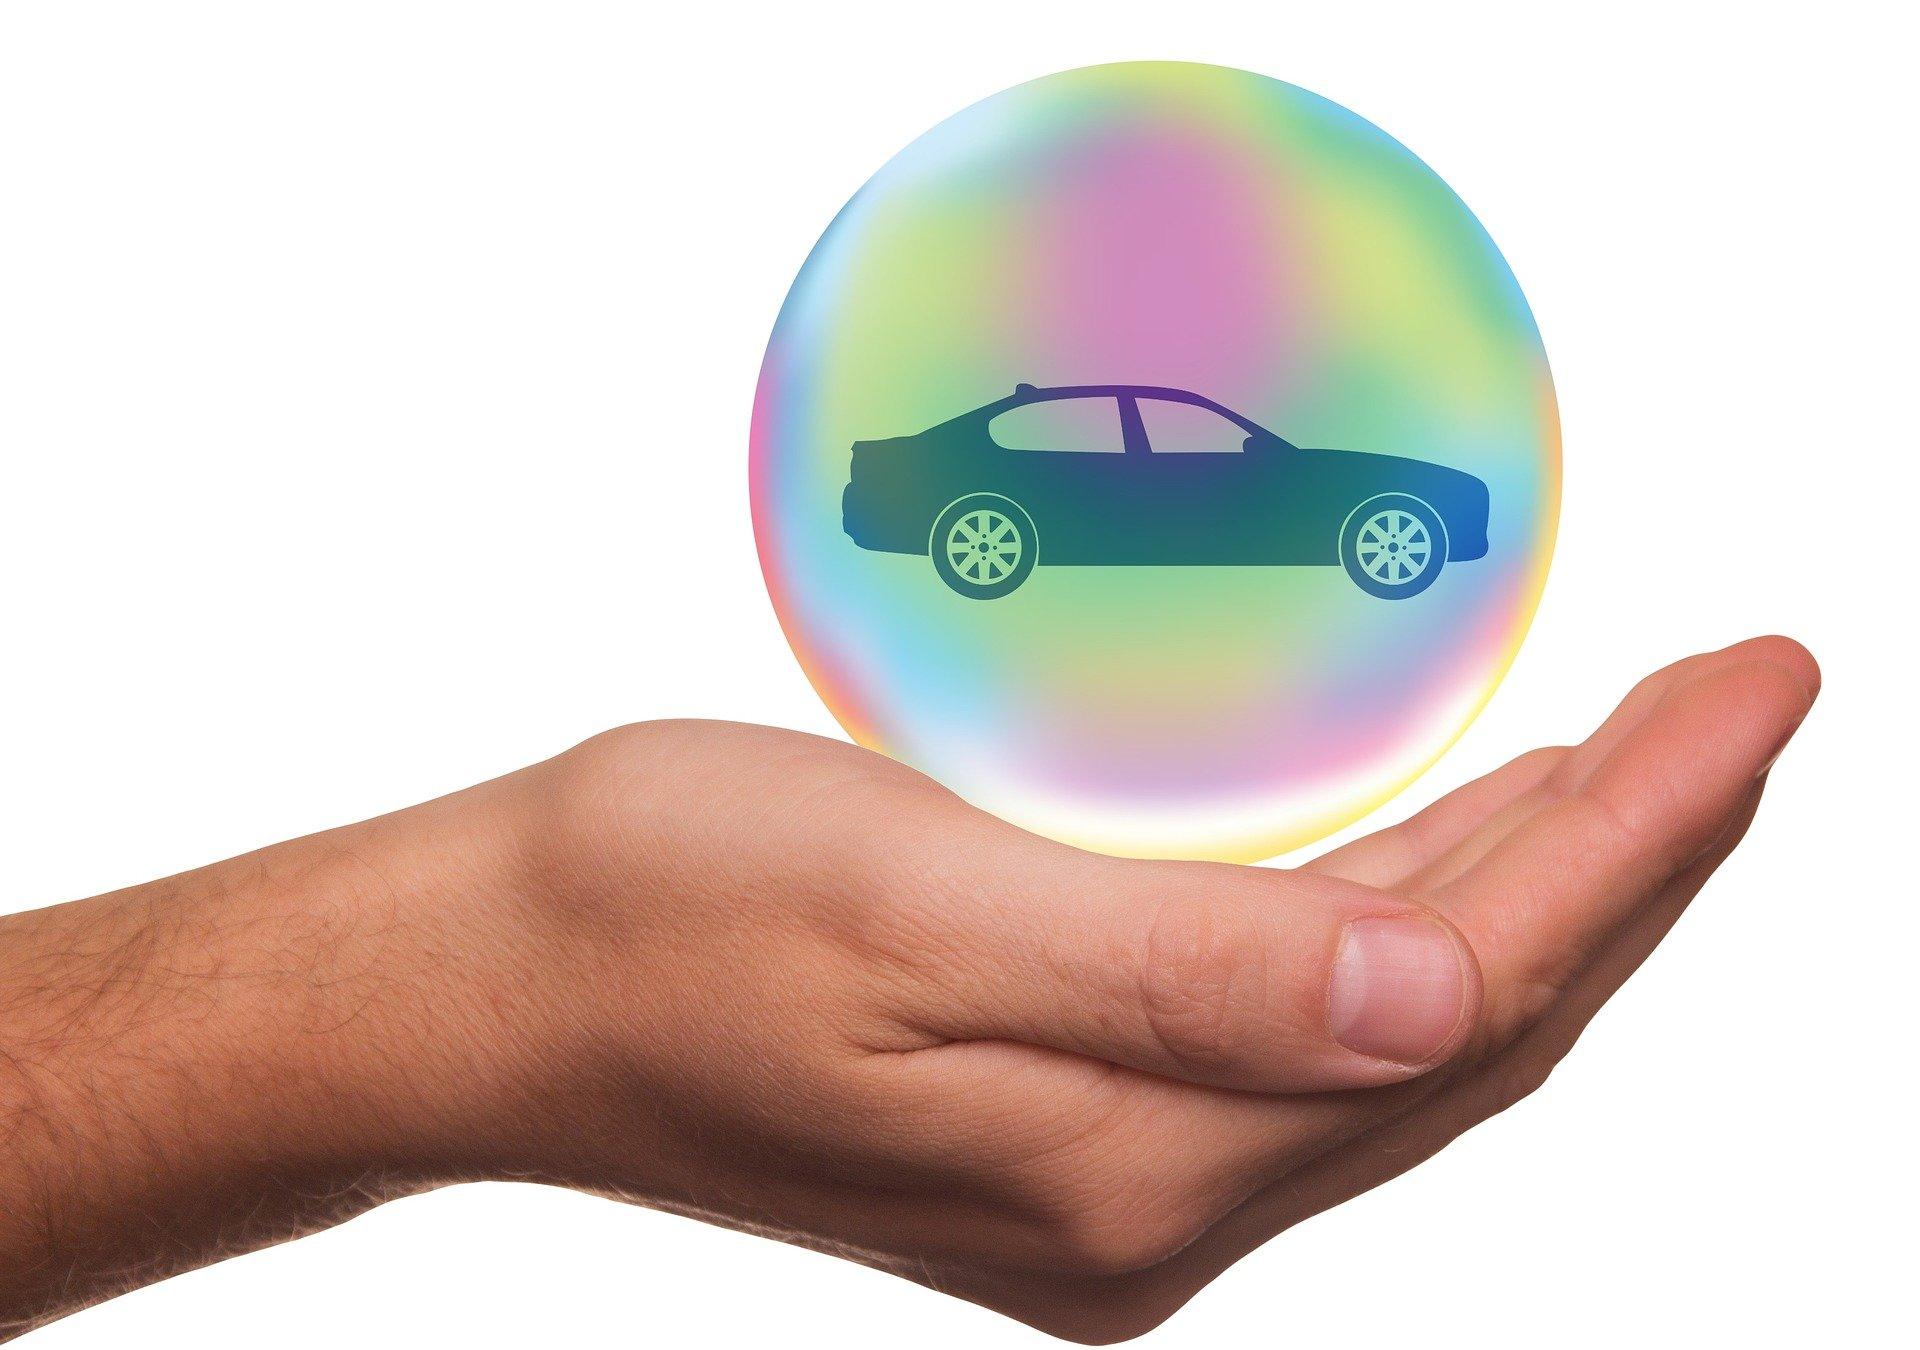 Vemos a mão de uma pessoa segurando uma bola de proteção colorida com um carro dentro.